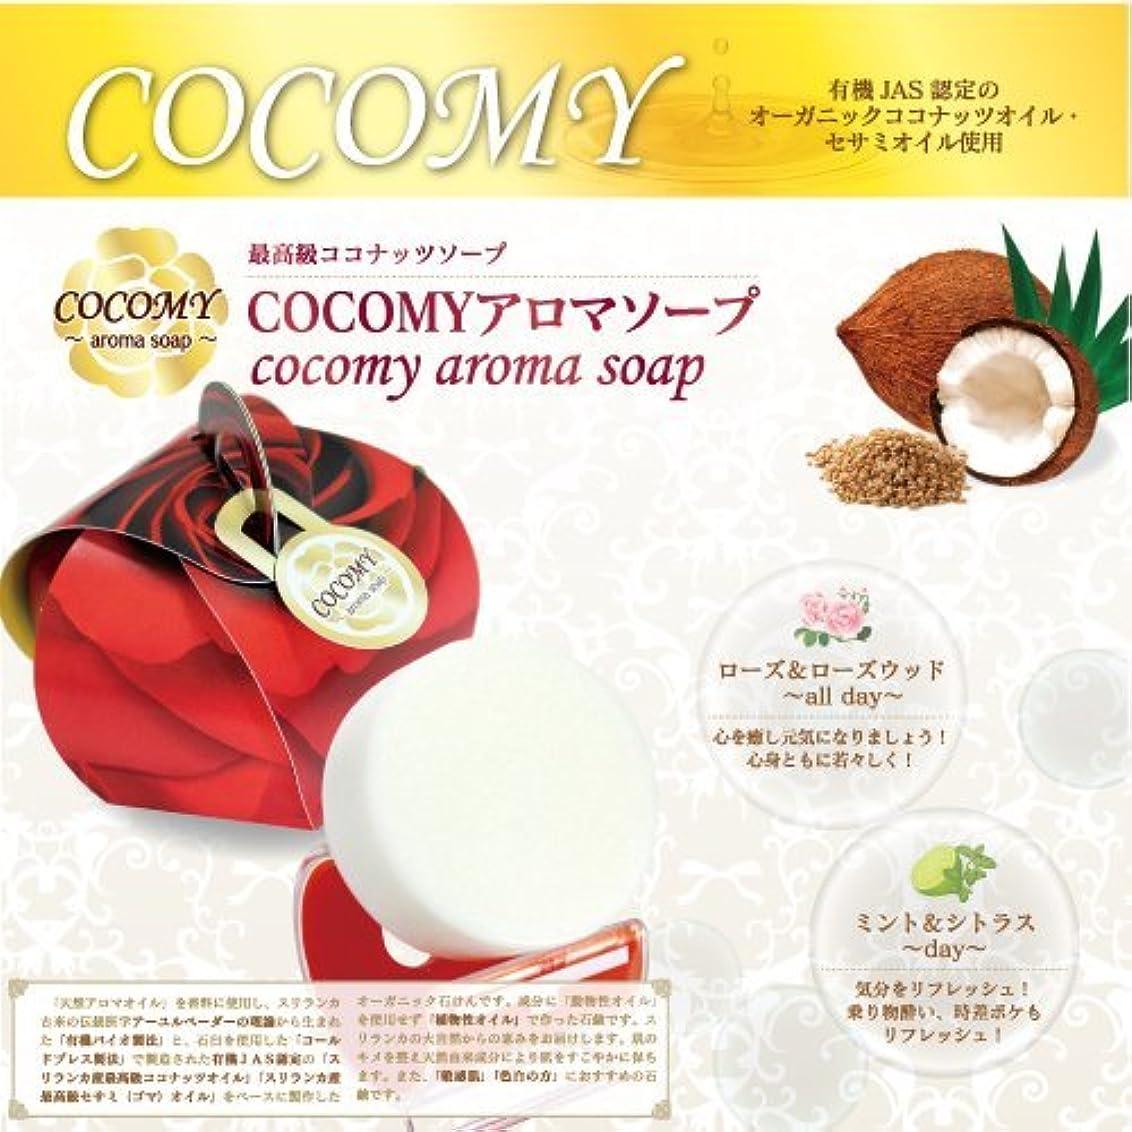 有効転用ハイキングCOCOMY aromaソープ 2個セット (ミント&シトラス)(ローズ&ローズウッド) 40g×各1